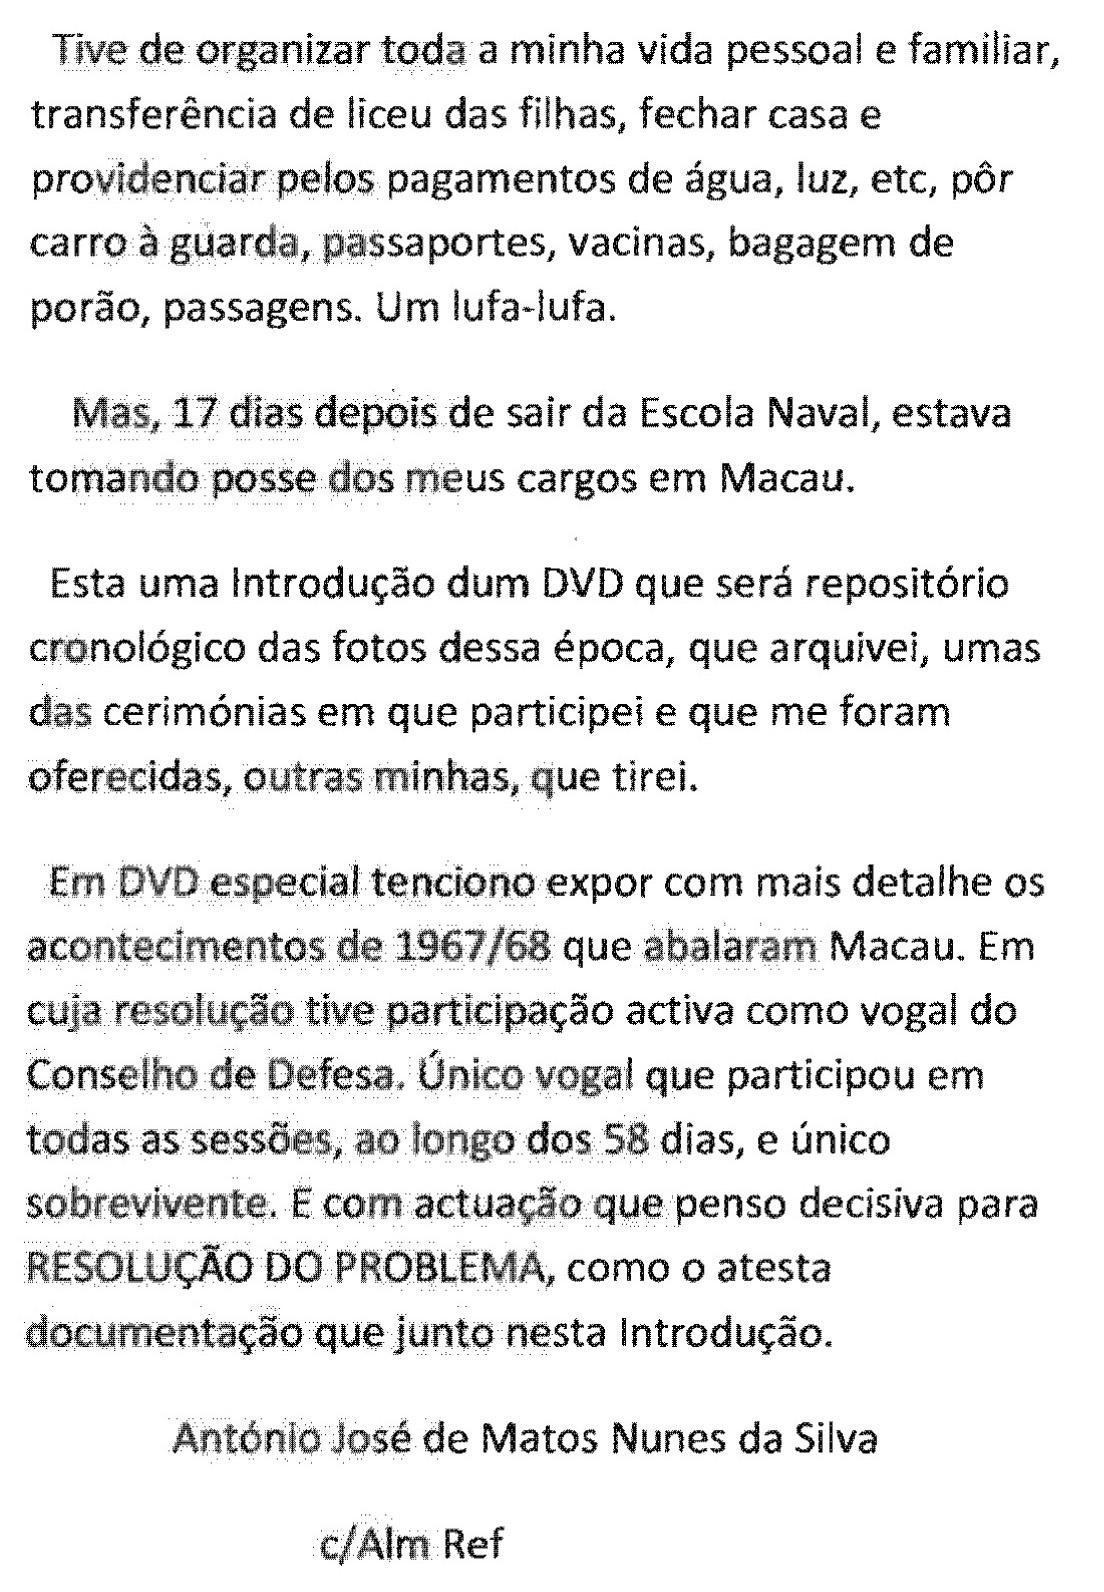 08 Textos da Introdução dos DVDs Comissão em Macau 1966-1968-3